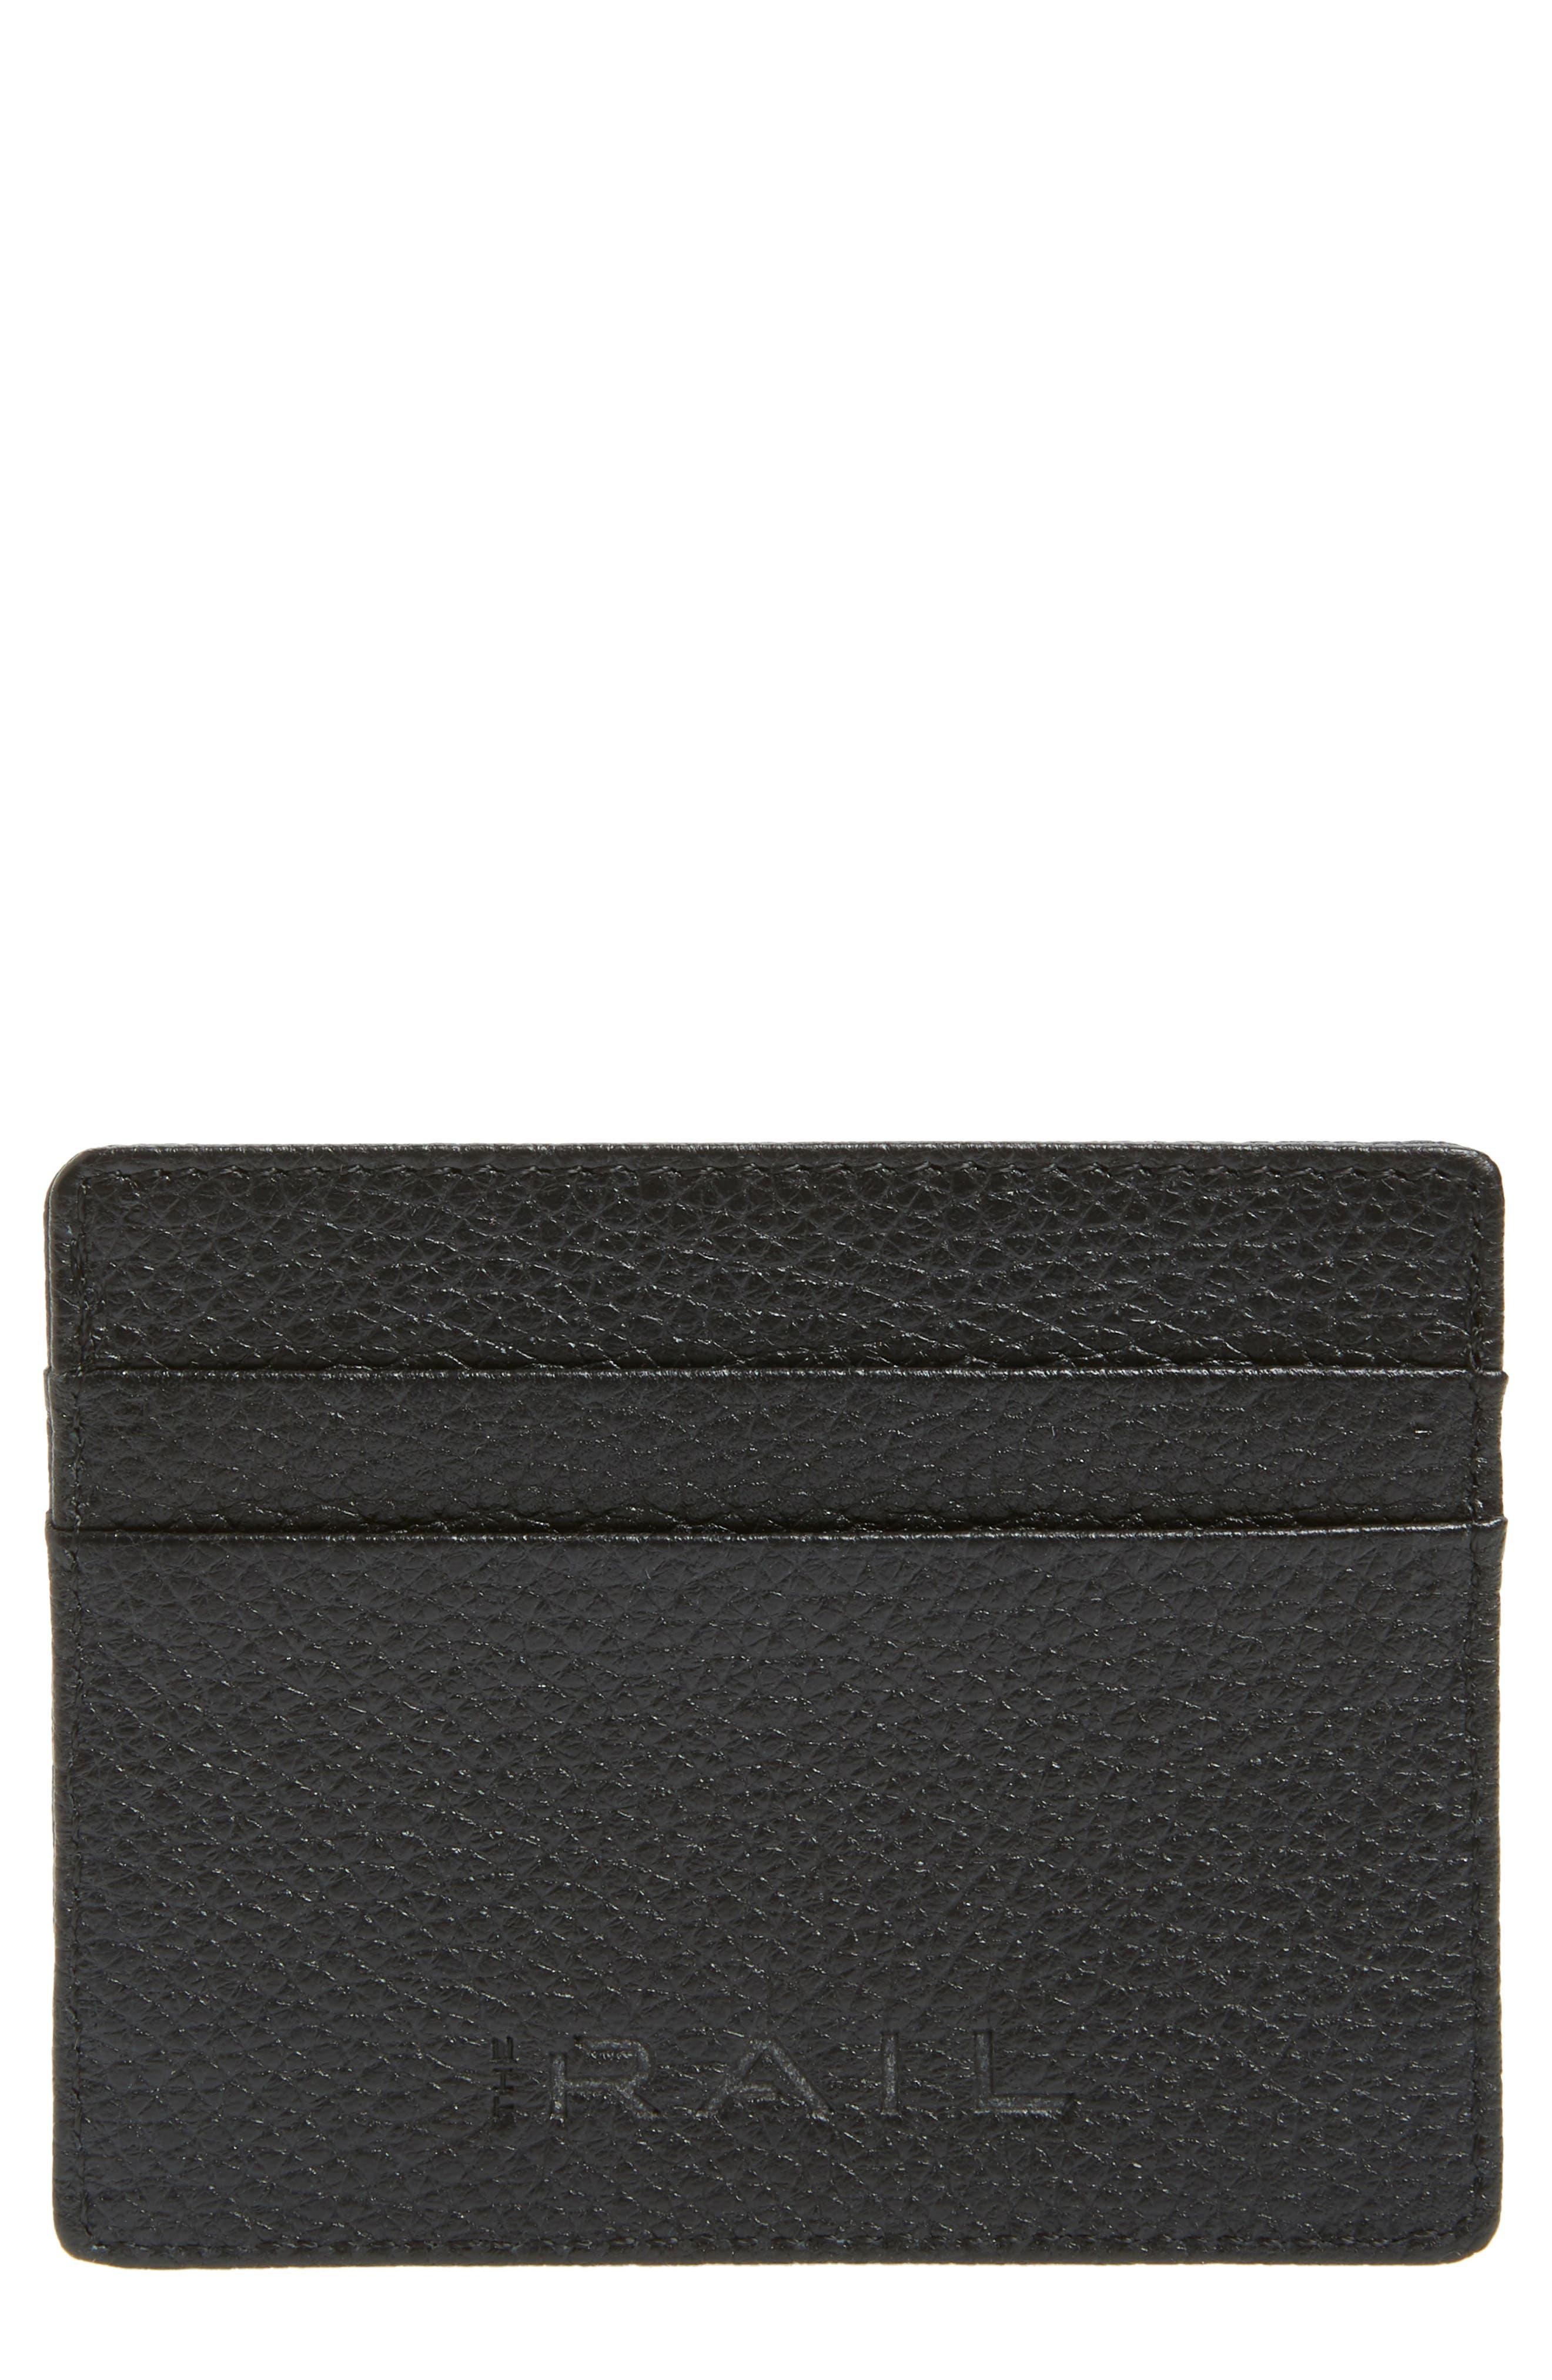 Jamie Leather Card Case,                         Main,                         color, BLACK CAVIAR